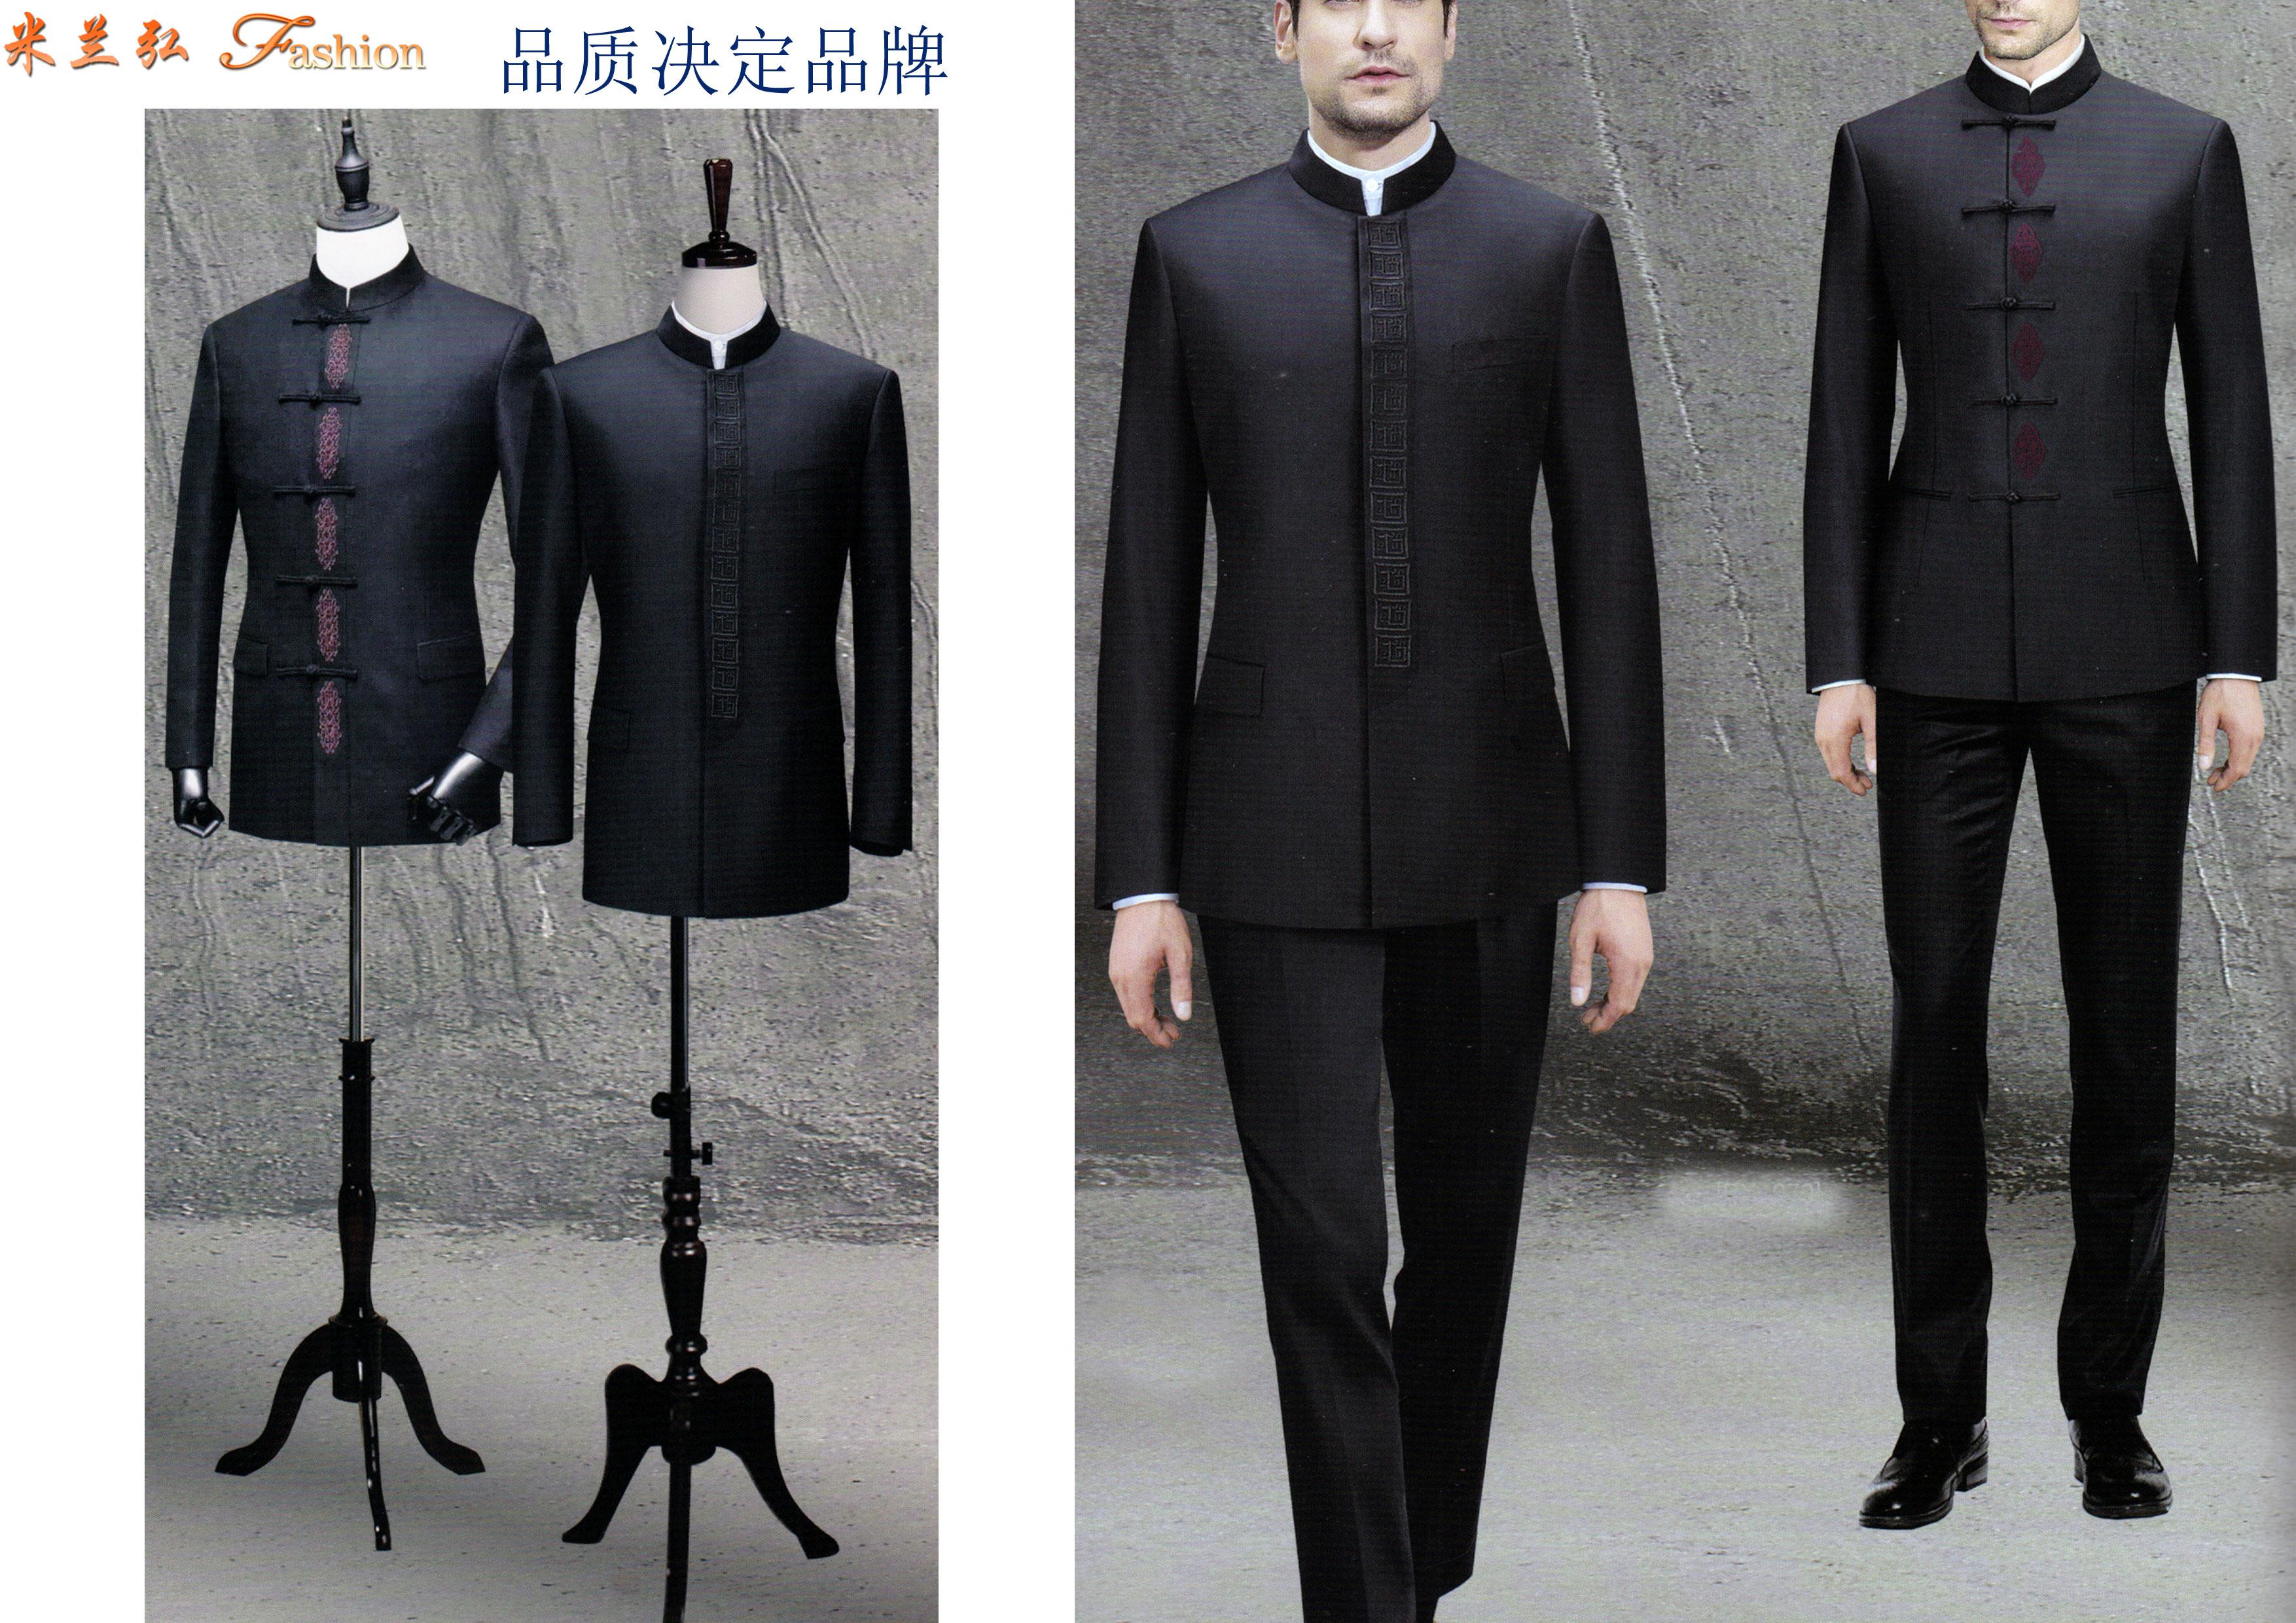 北京量身定制品牌西服_北京西装定做_北京羊毛西服订制-4